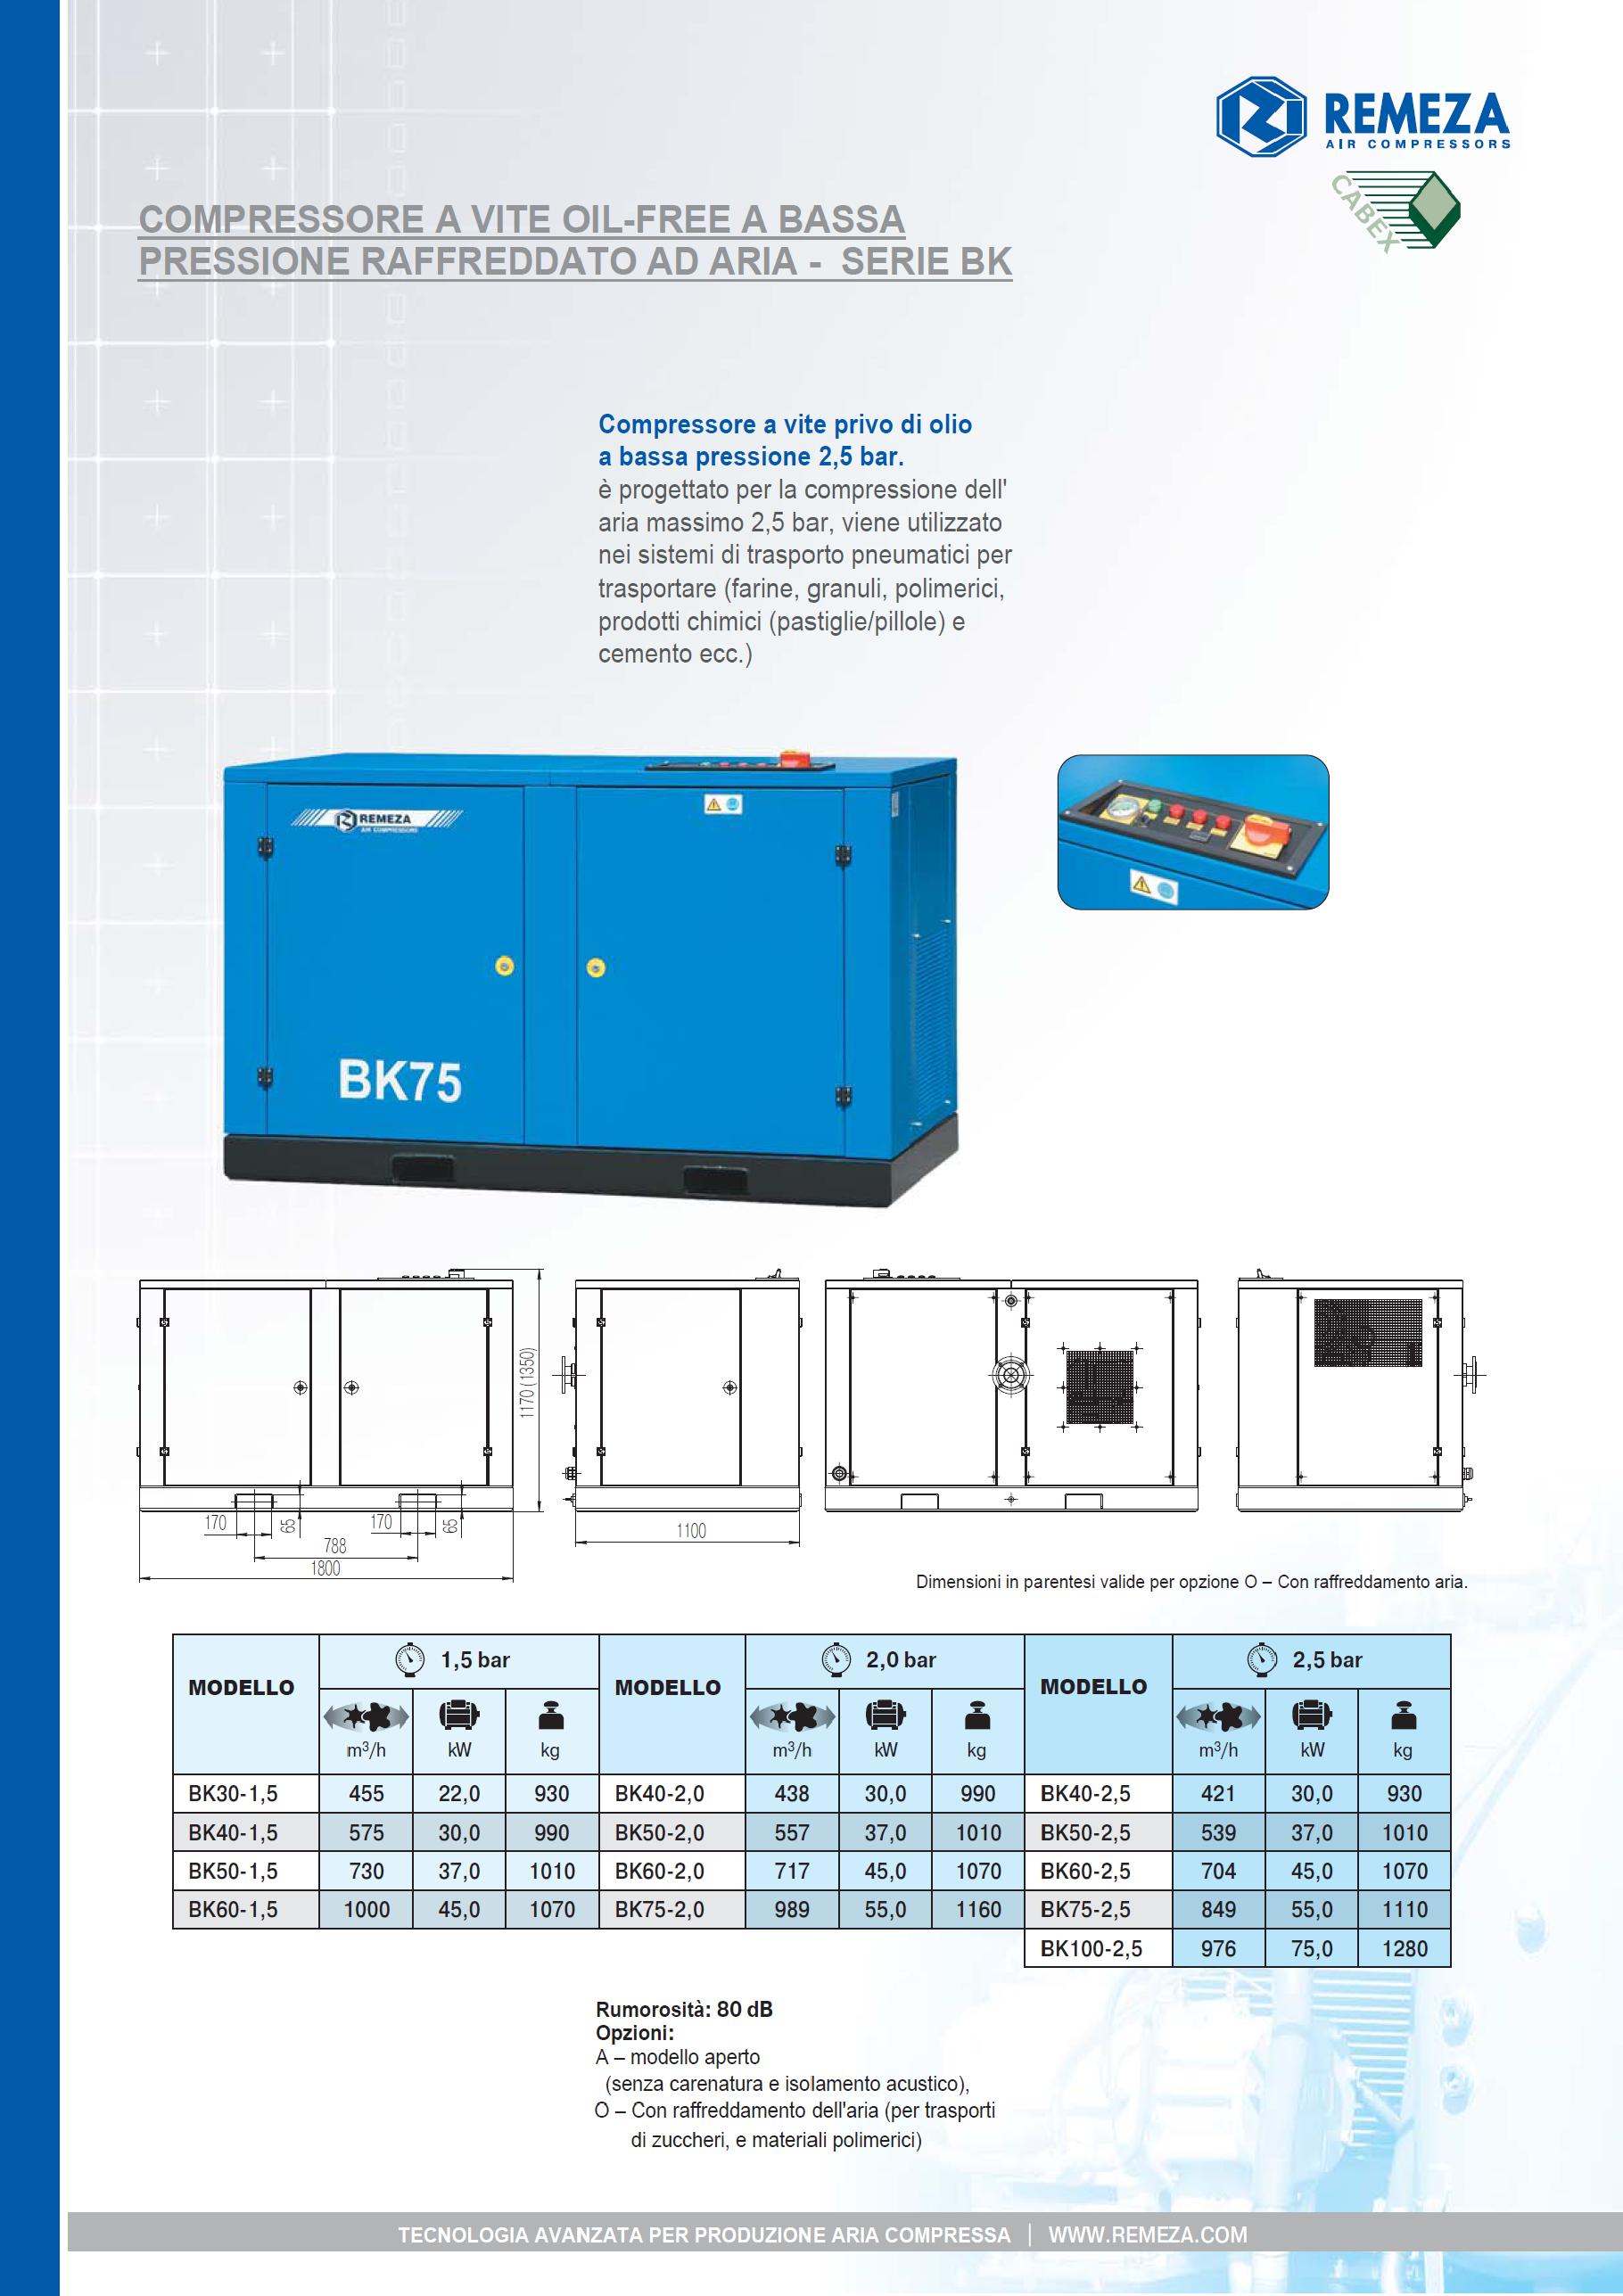 10_compressori-a-vite-oil-free-a-bassa-pressione-25-bar-serie-remeza_pag_1